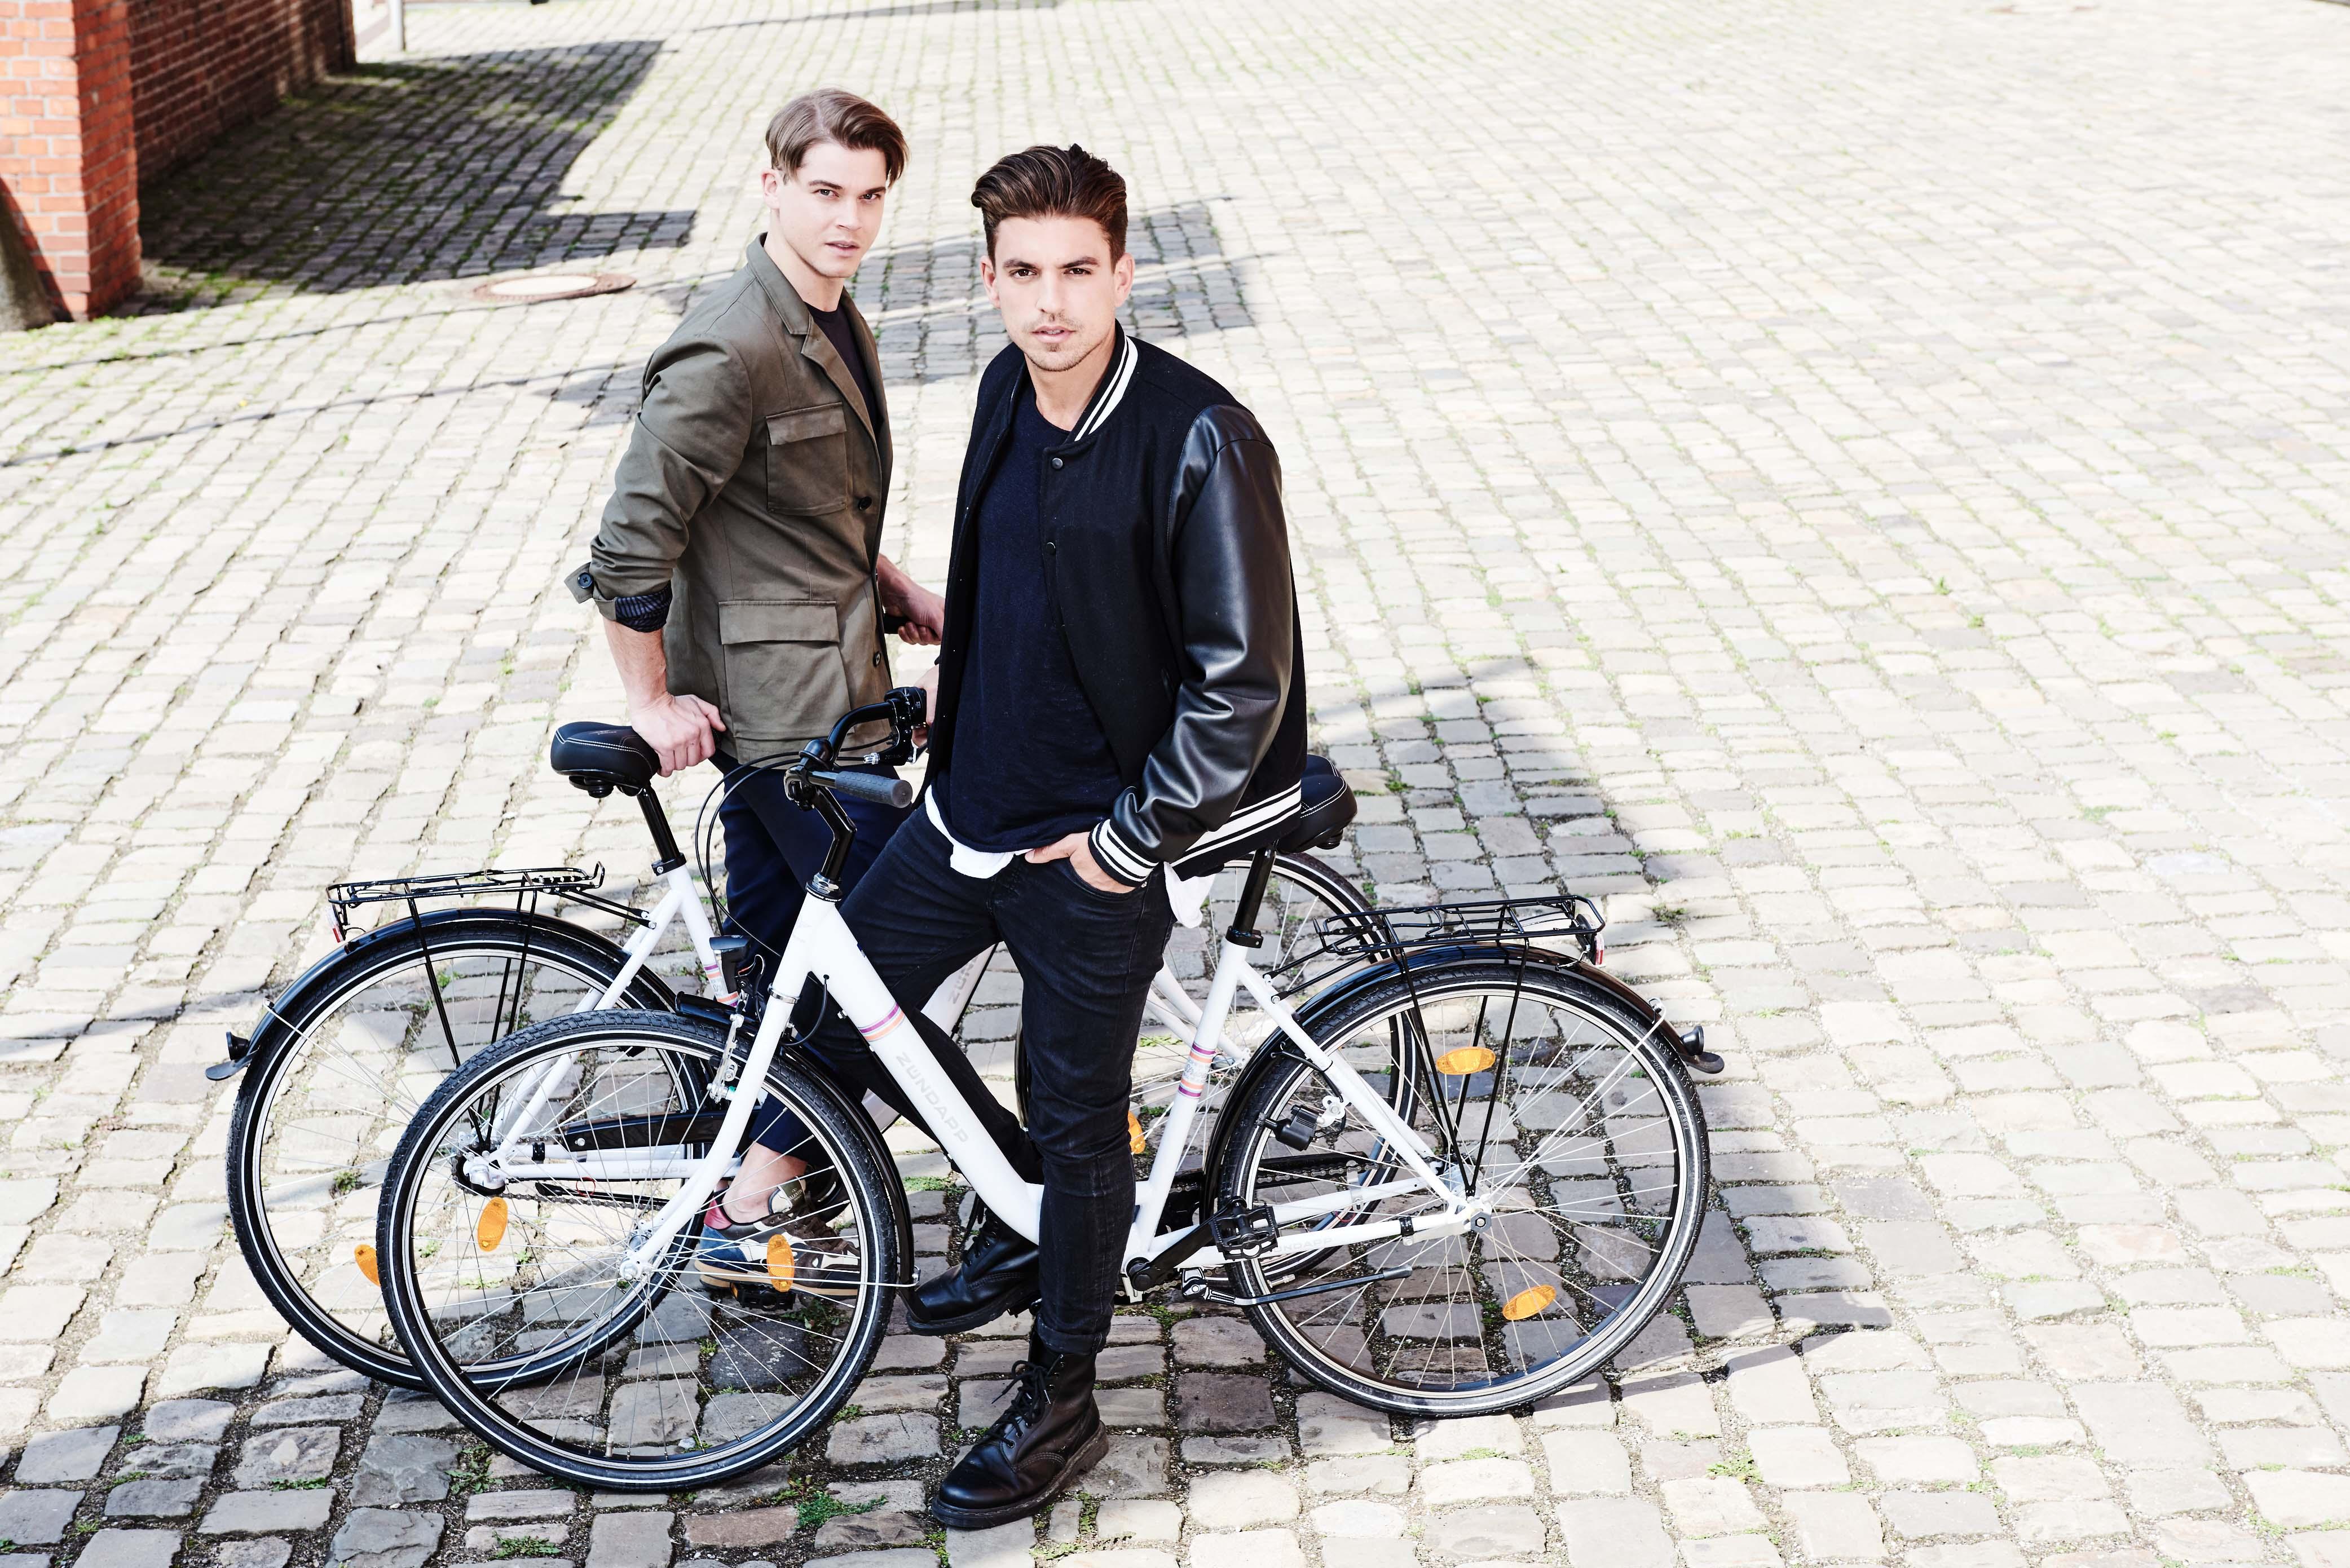 Studio-51 | Fashion | Bike